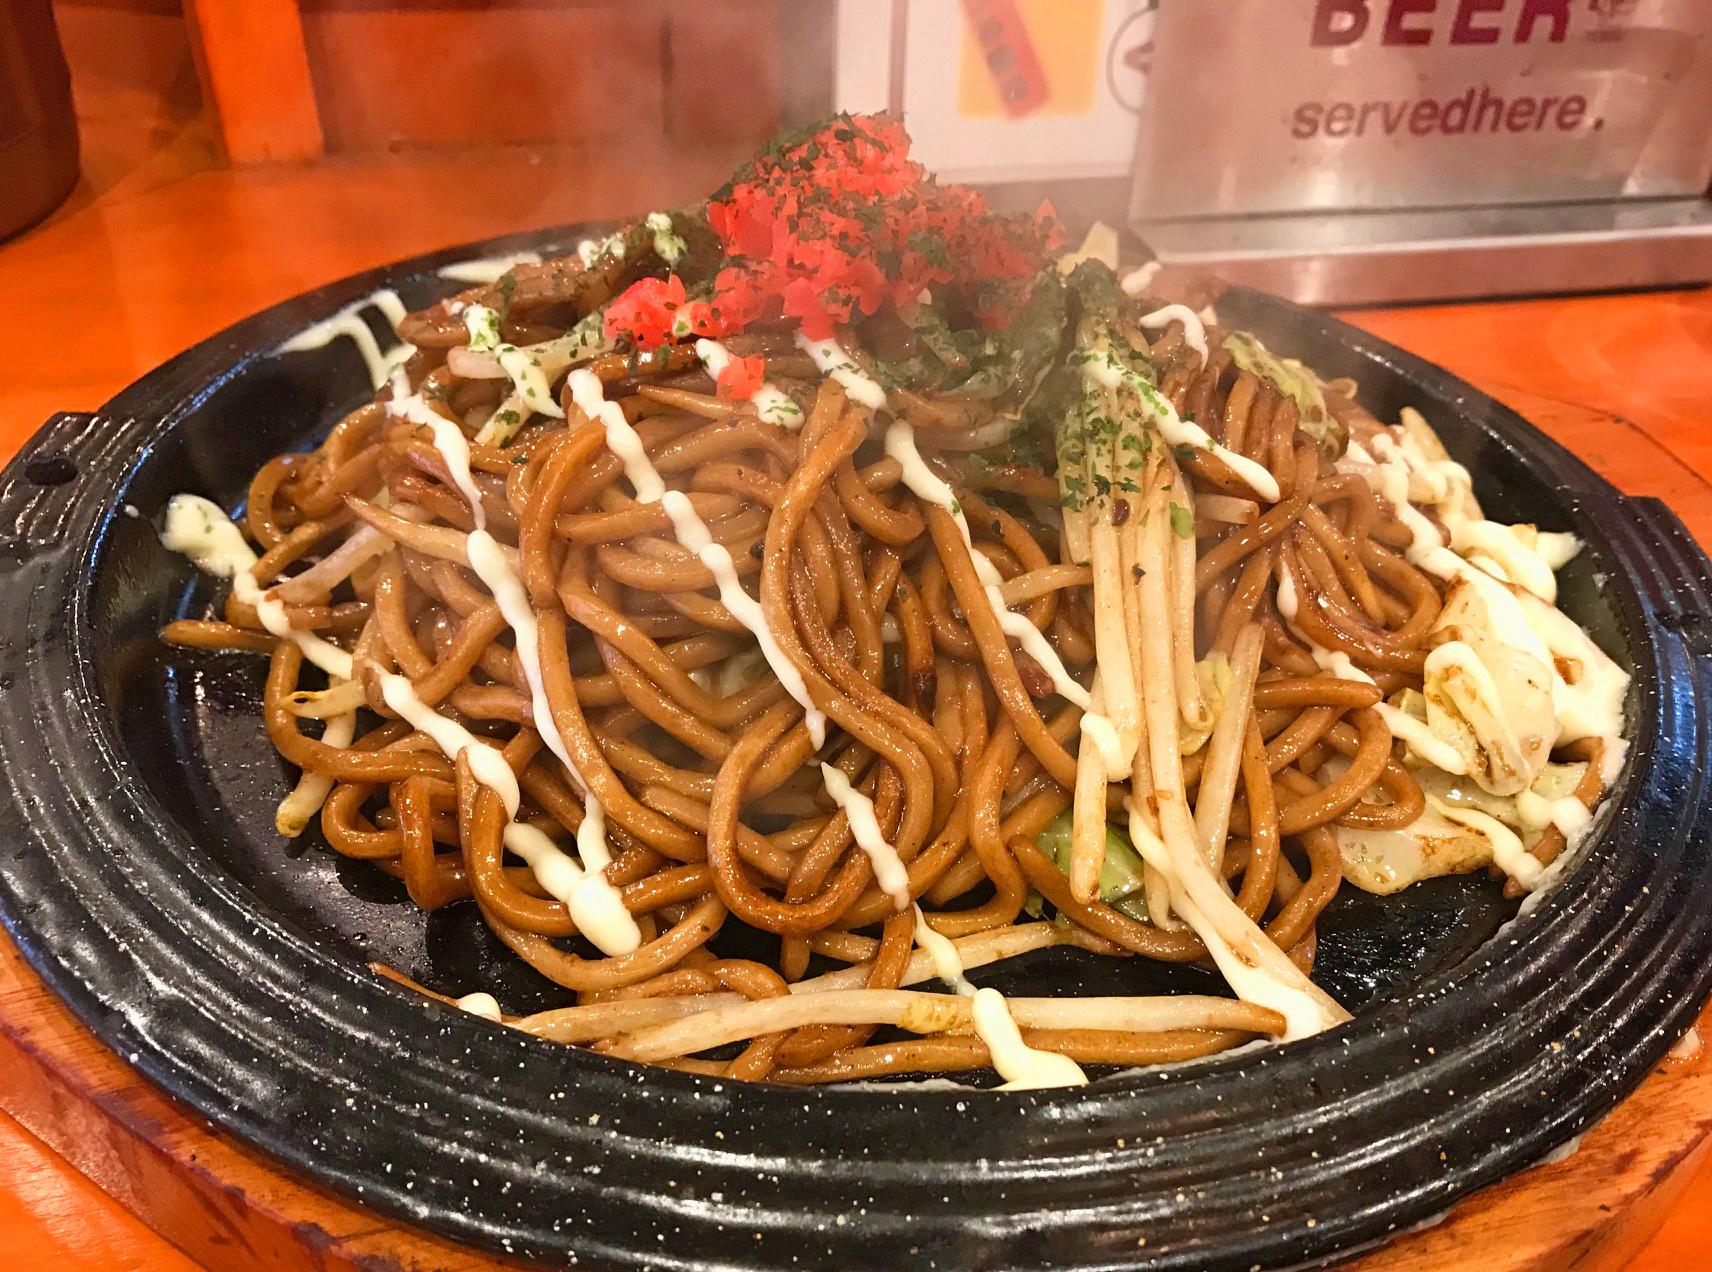 【メディア紹介】「嵐にしやがれ」(日本テレビ)で焼きそばのまるしょうが紹介されました!